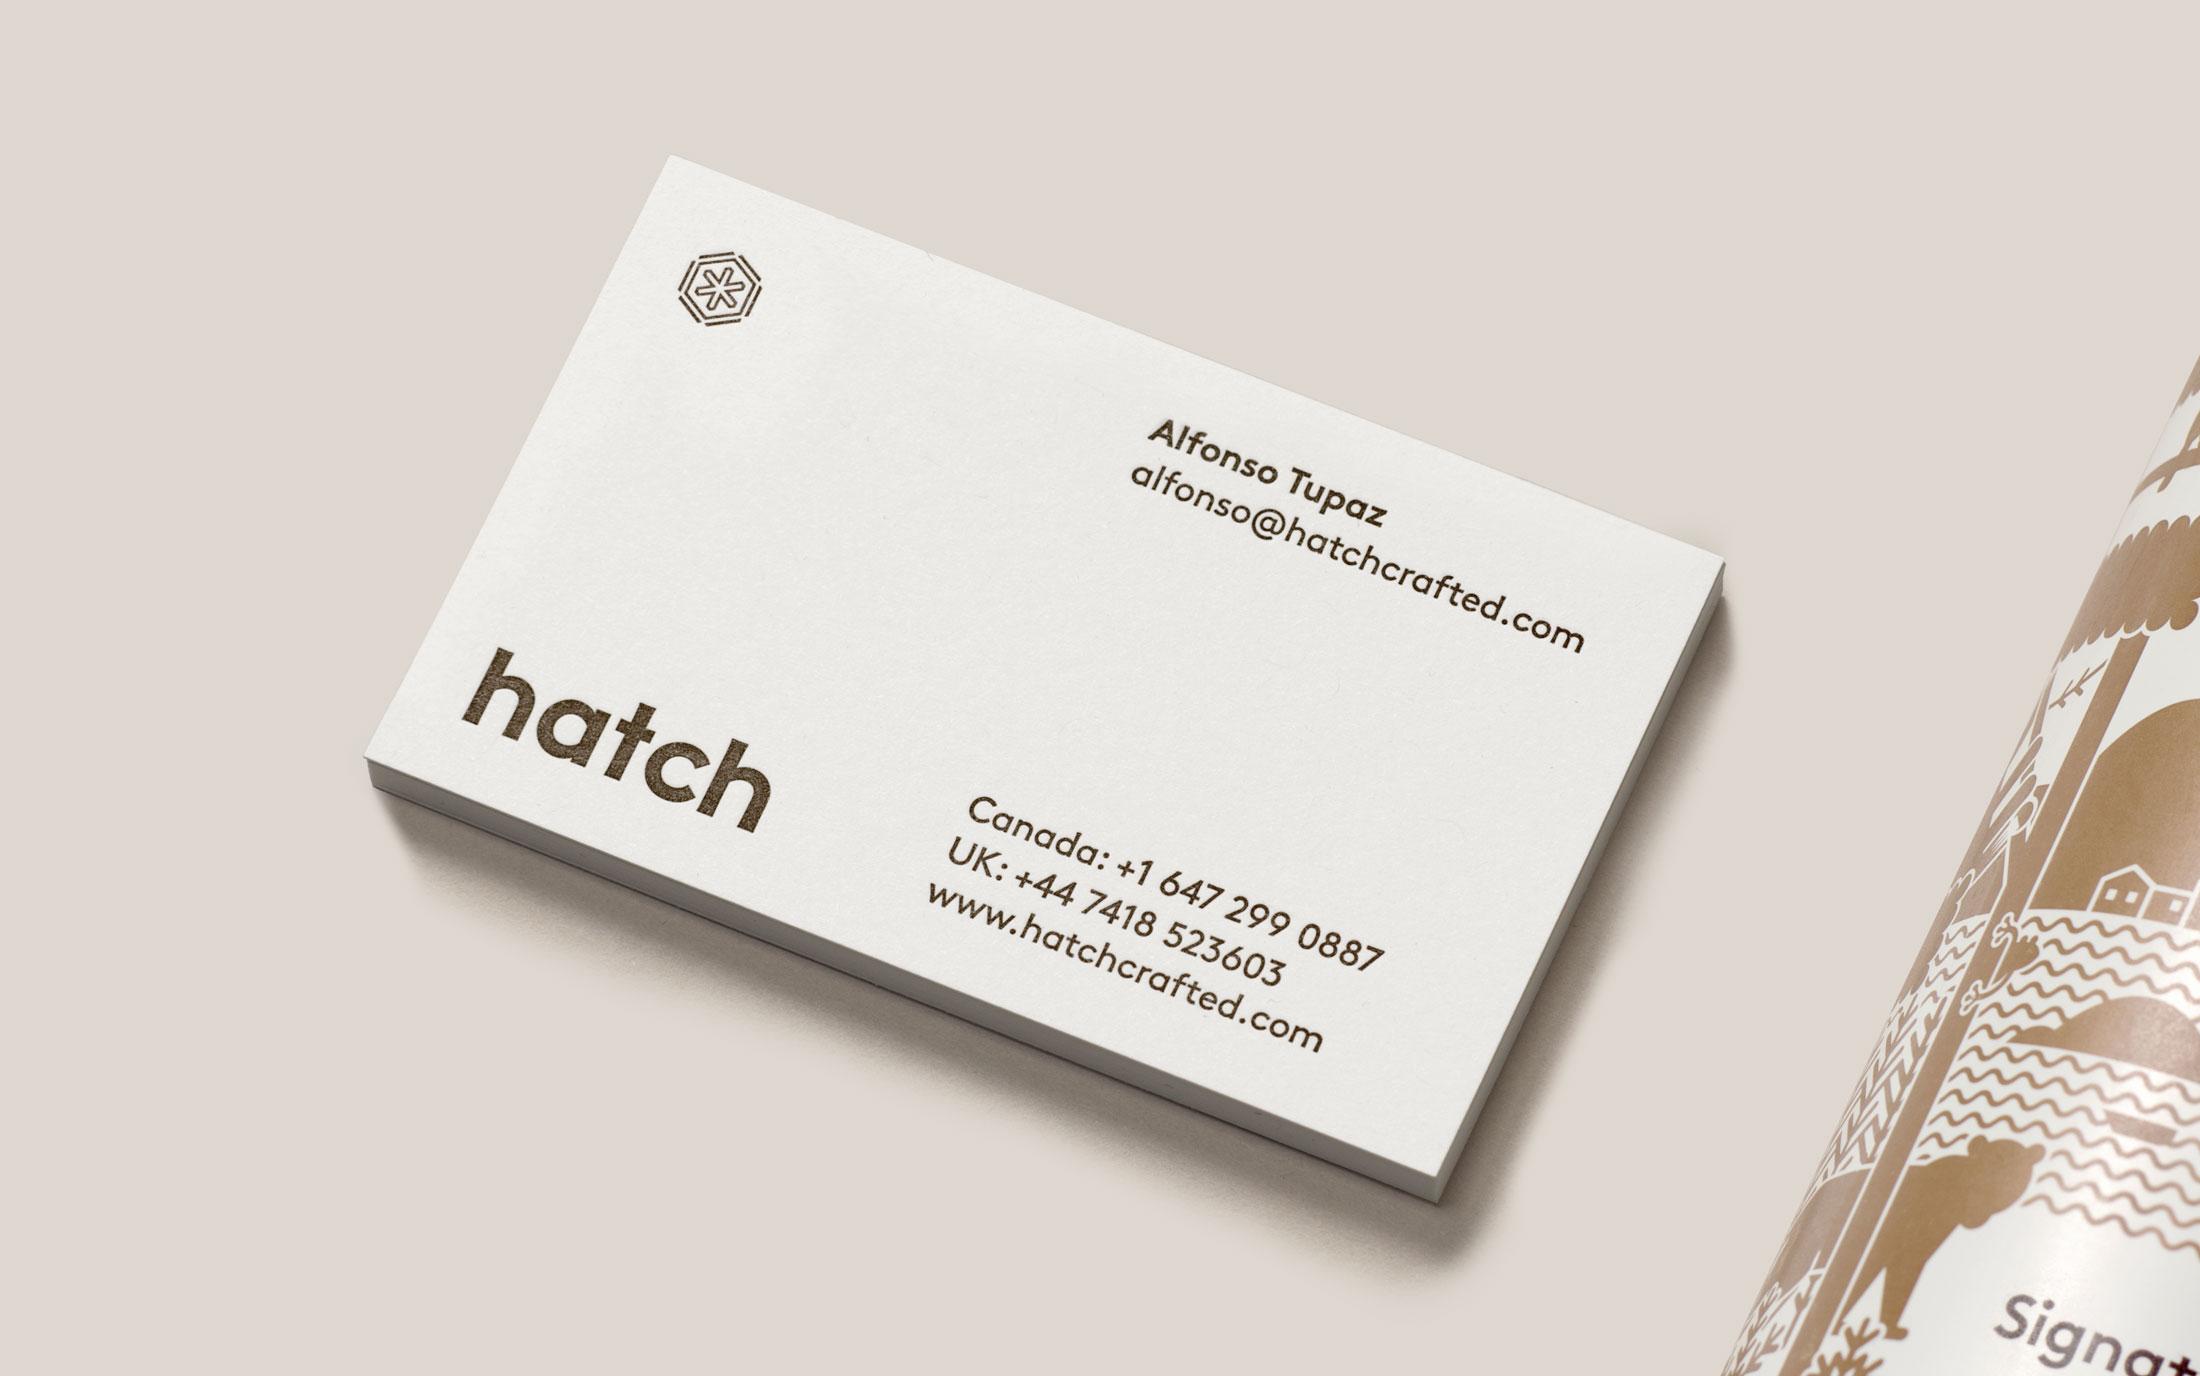 tung_hatch_card_angle